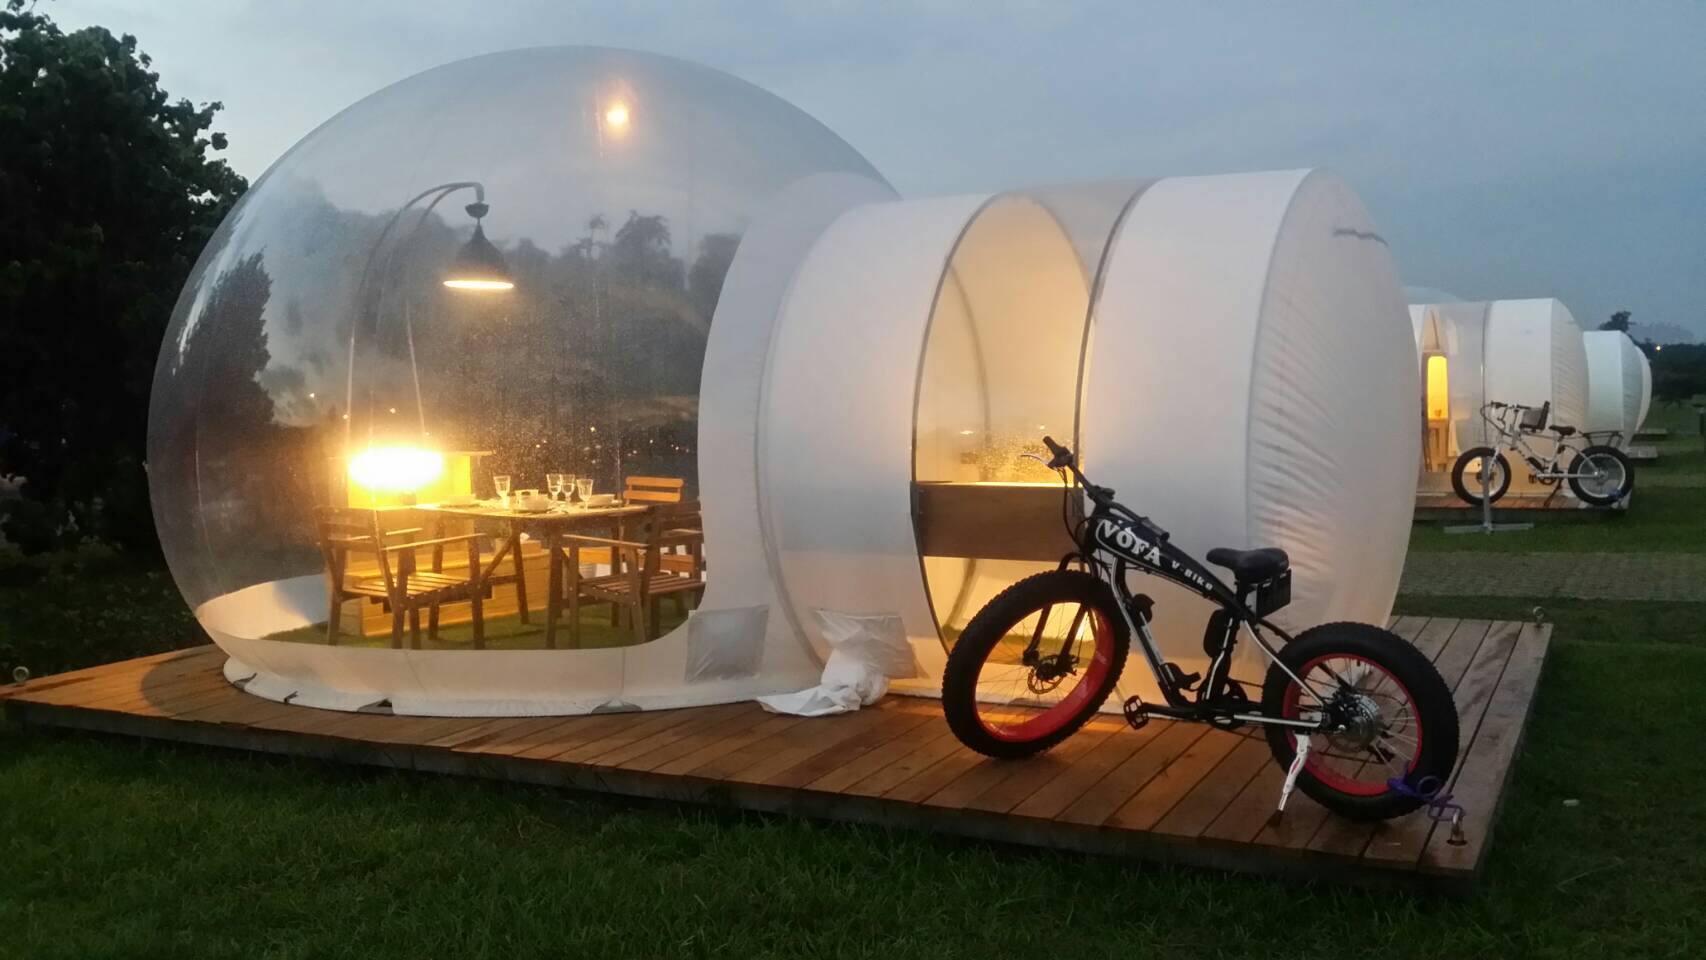 臺北市泡泡窩- 八里文化公園露營區 (Bubble WOW Bali) - Agoda 提供行程前一刻網上即時優惠價格訂房服務